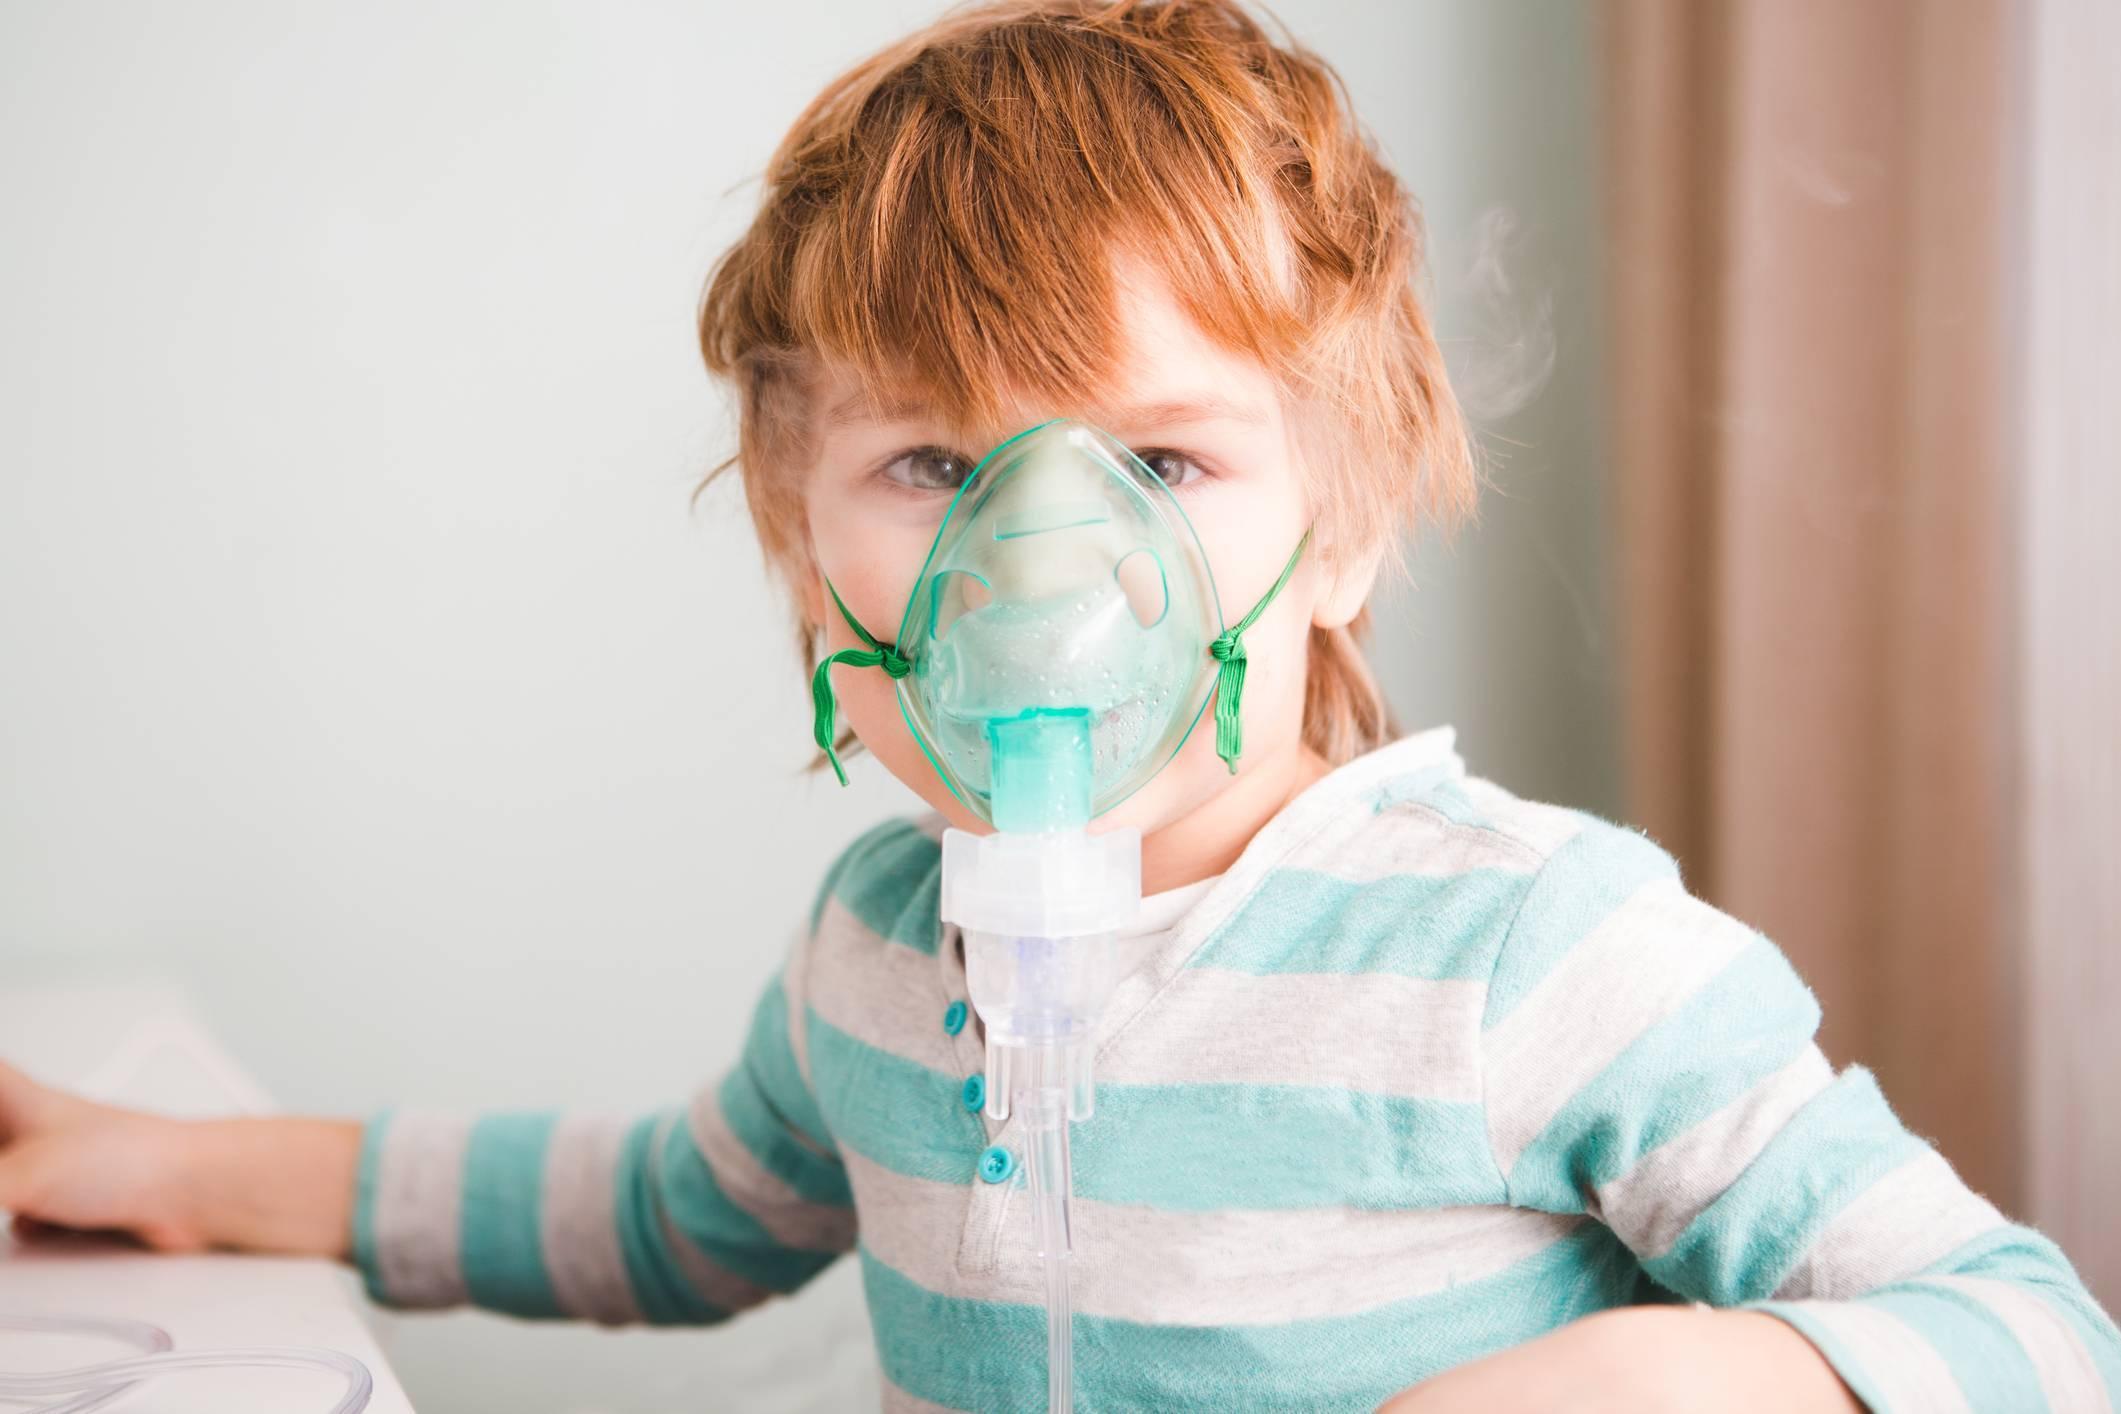 Ингаляции при бронхите небулайзером детям и взрослым: как правильно дышать и рецепты